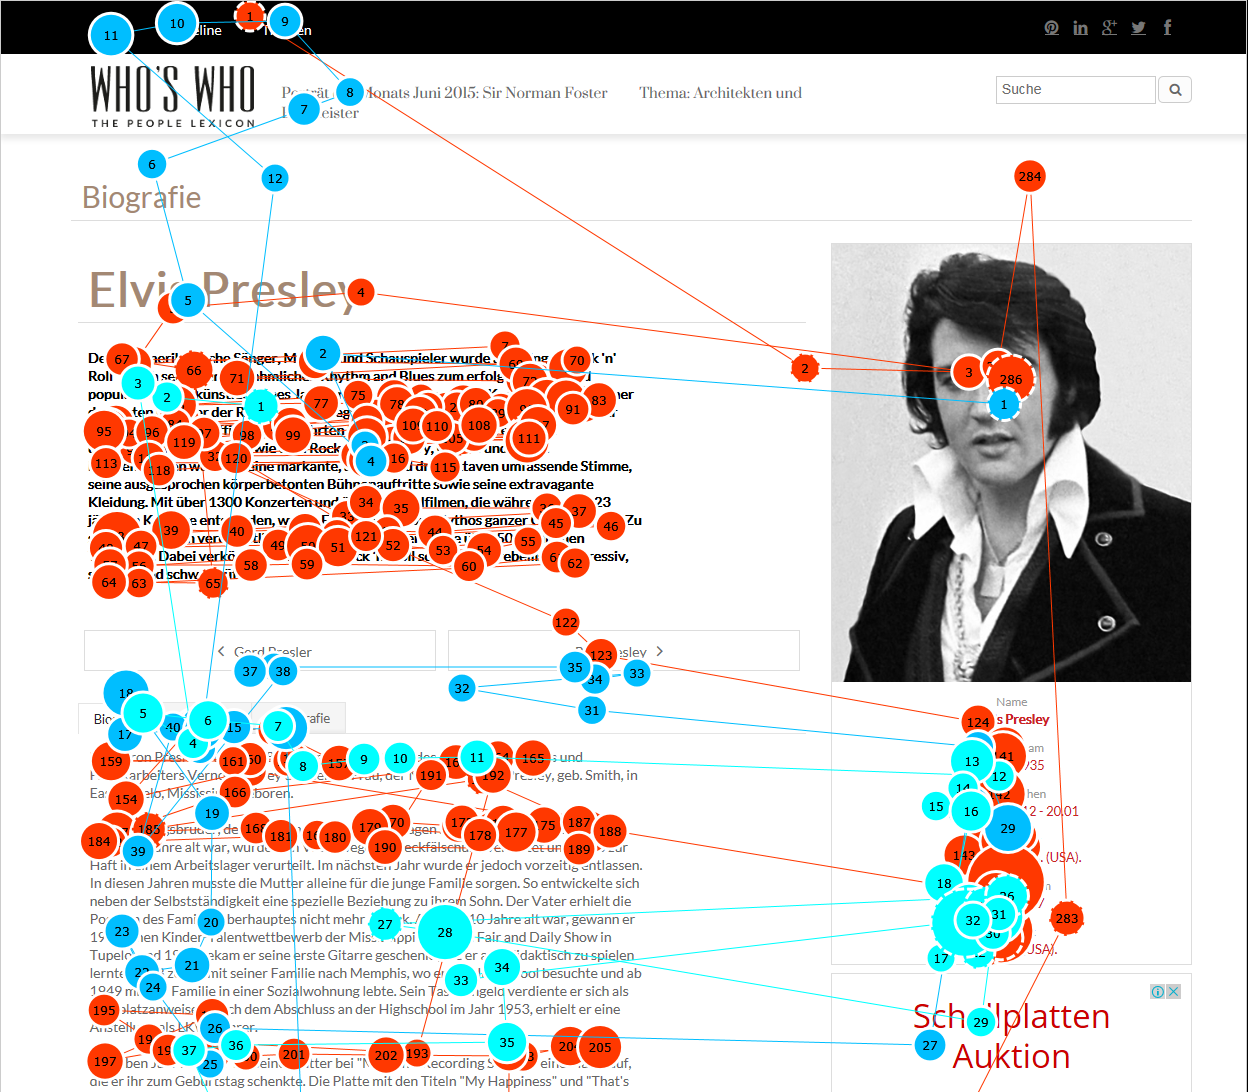 Analyse der Blickbewegungen mit Hilfe von Gaze Plots